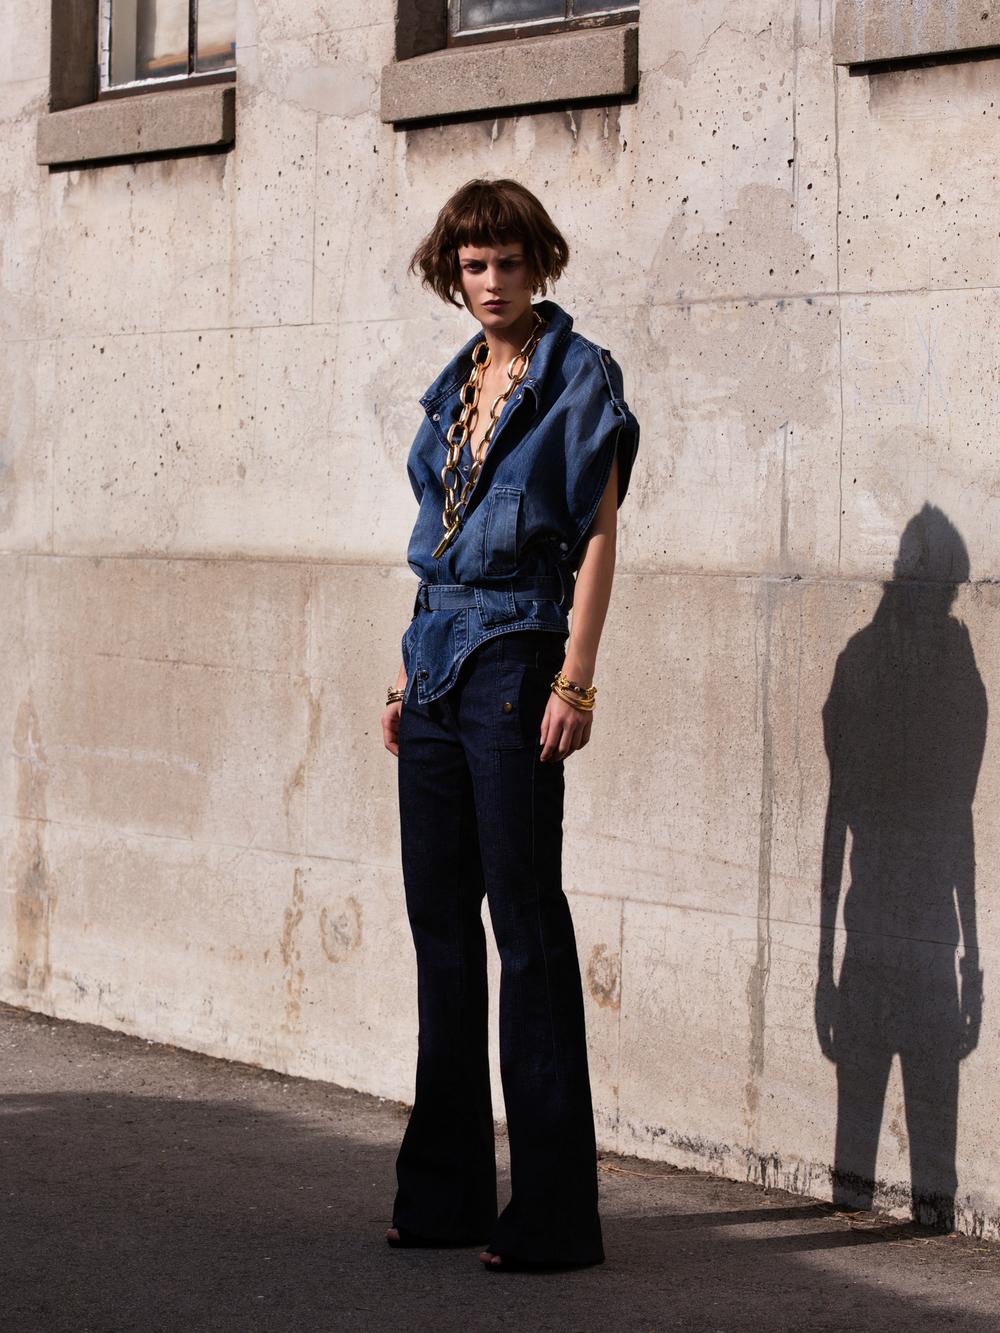 Ellinore-Erichsen-Flaunt-Magazine-3.jpg